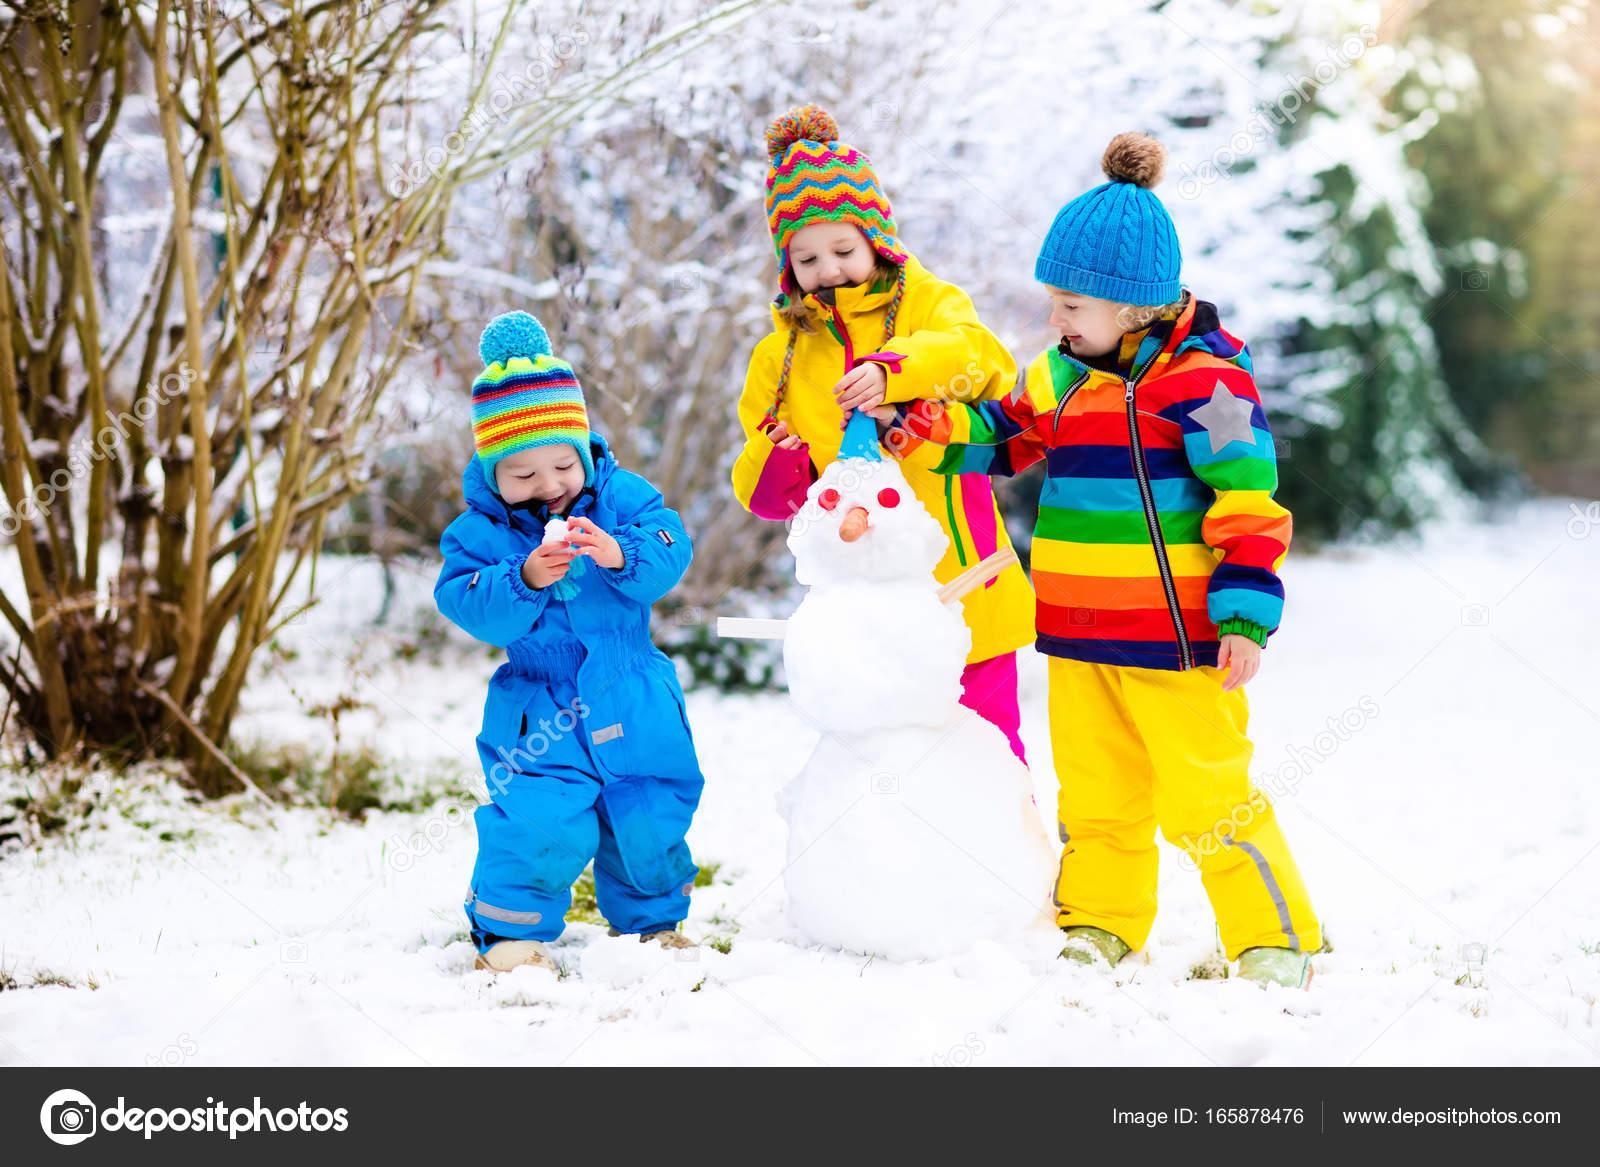 Kids Building Snowman Children In Snow Winter Fun